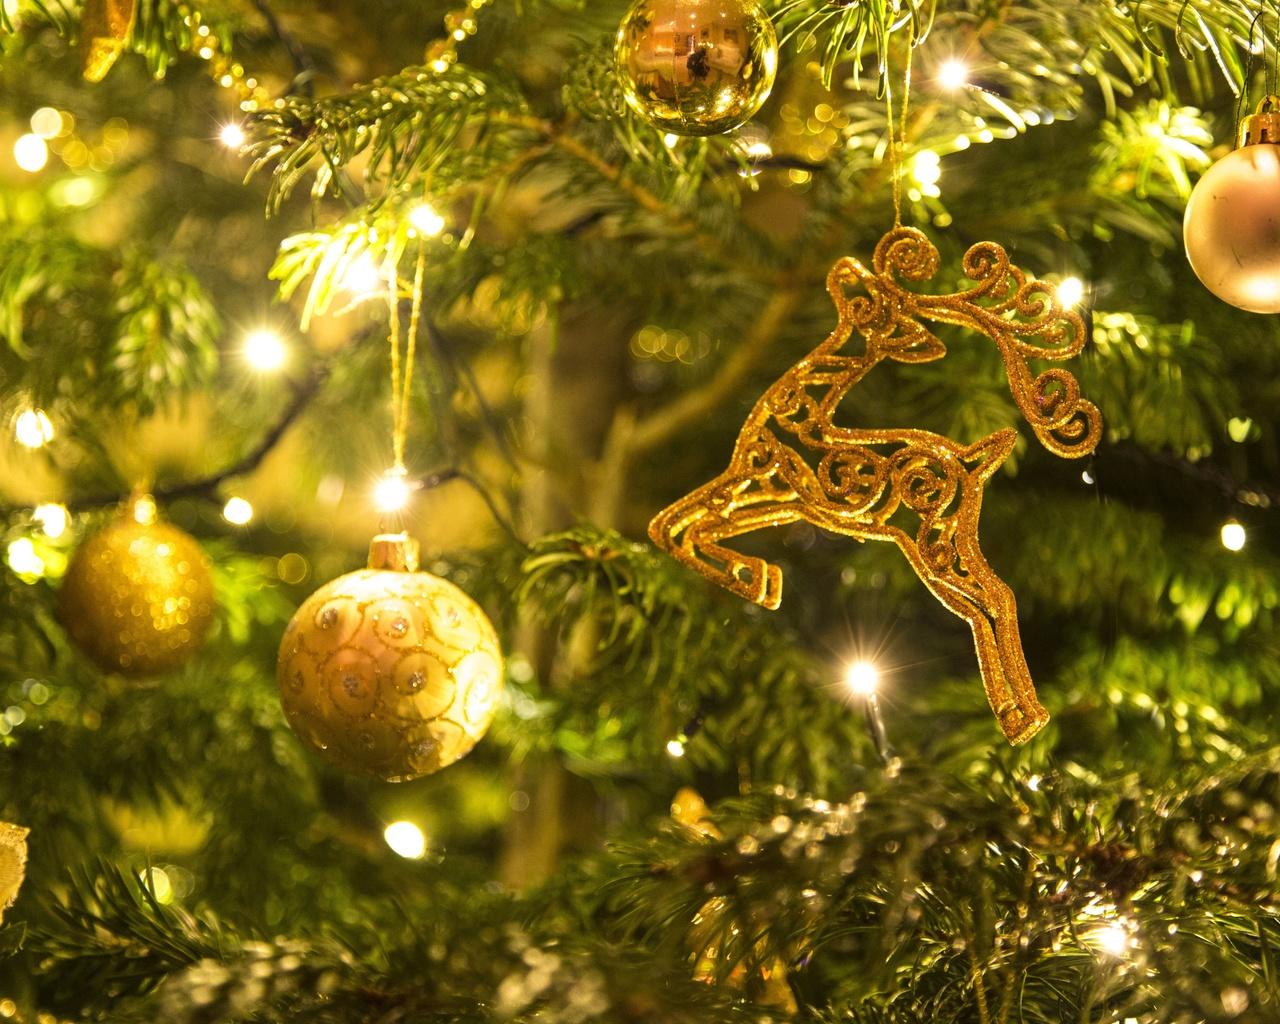 праздник, новый год, рождество, ель, ёлка, хвоя, ветки, игрушки, украшения, шары, олень, гирлянда, лампочки